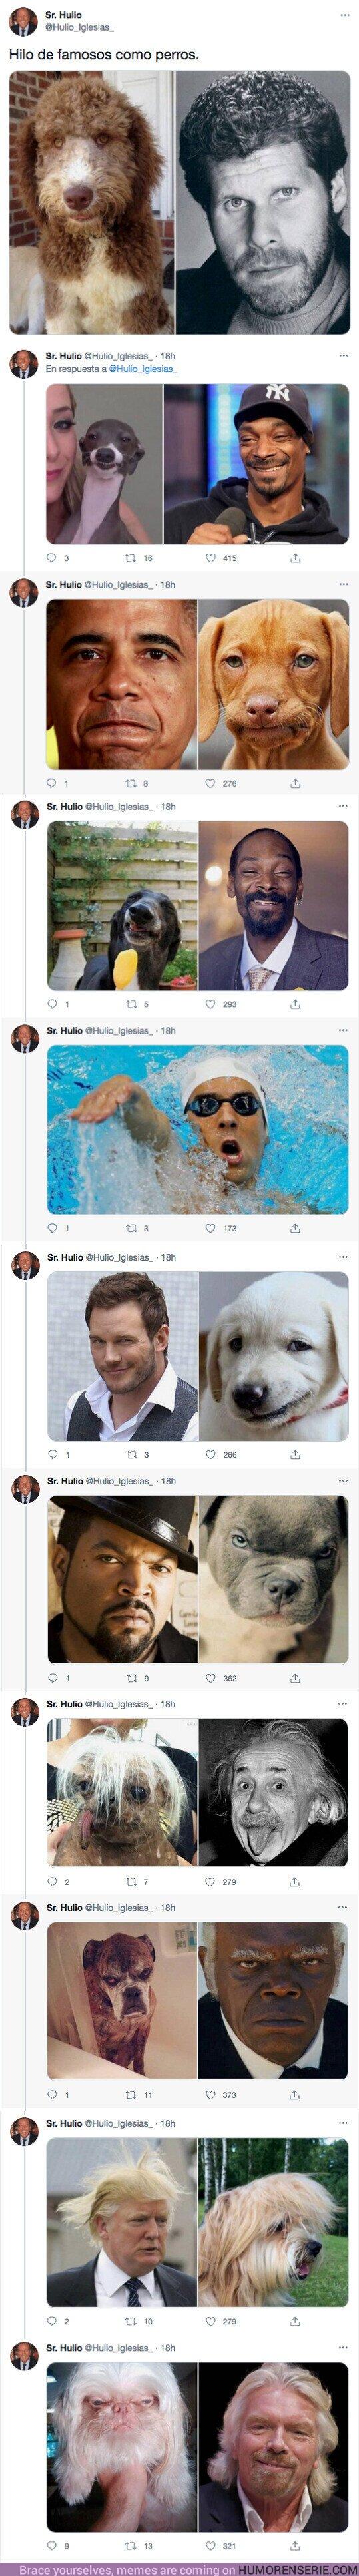 75024 - GALERÍA: Hilo de famosos como perros. Por _Hulio_Iglesias_